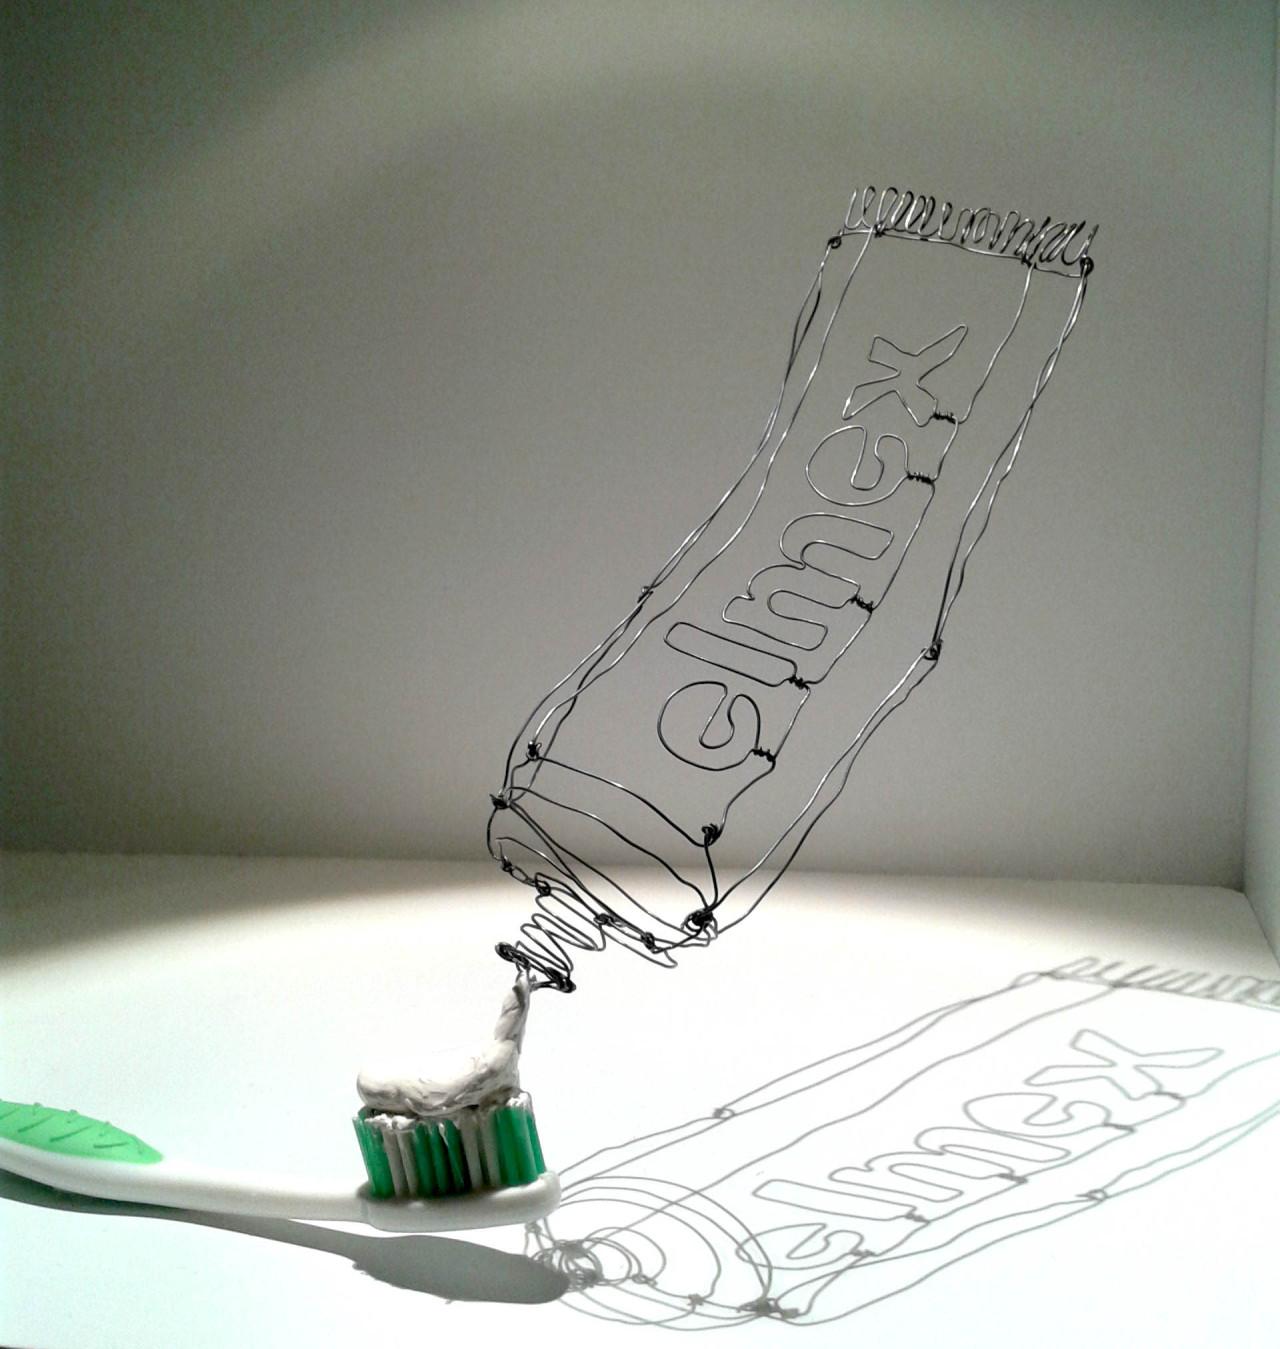 Toothpaste<br /> fil de fer recuit, mastic, brosse a dent<br /> 2014